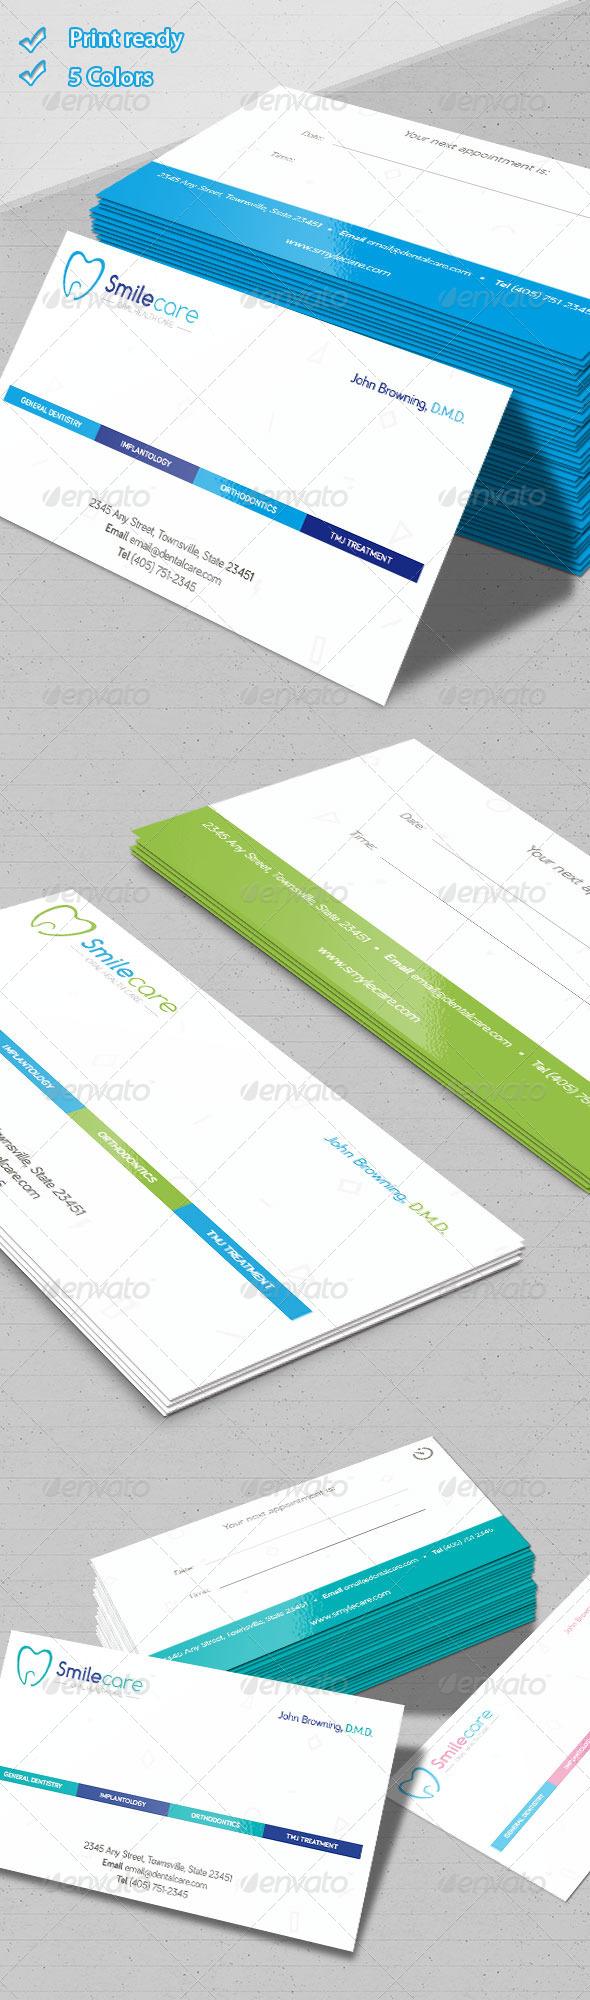 GraphicRiver Dental Business Cards 5949844